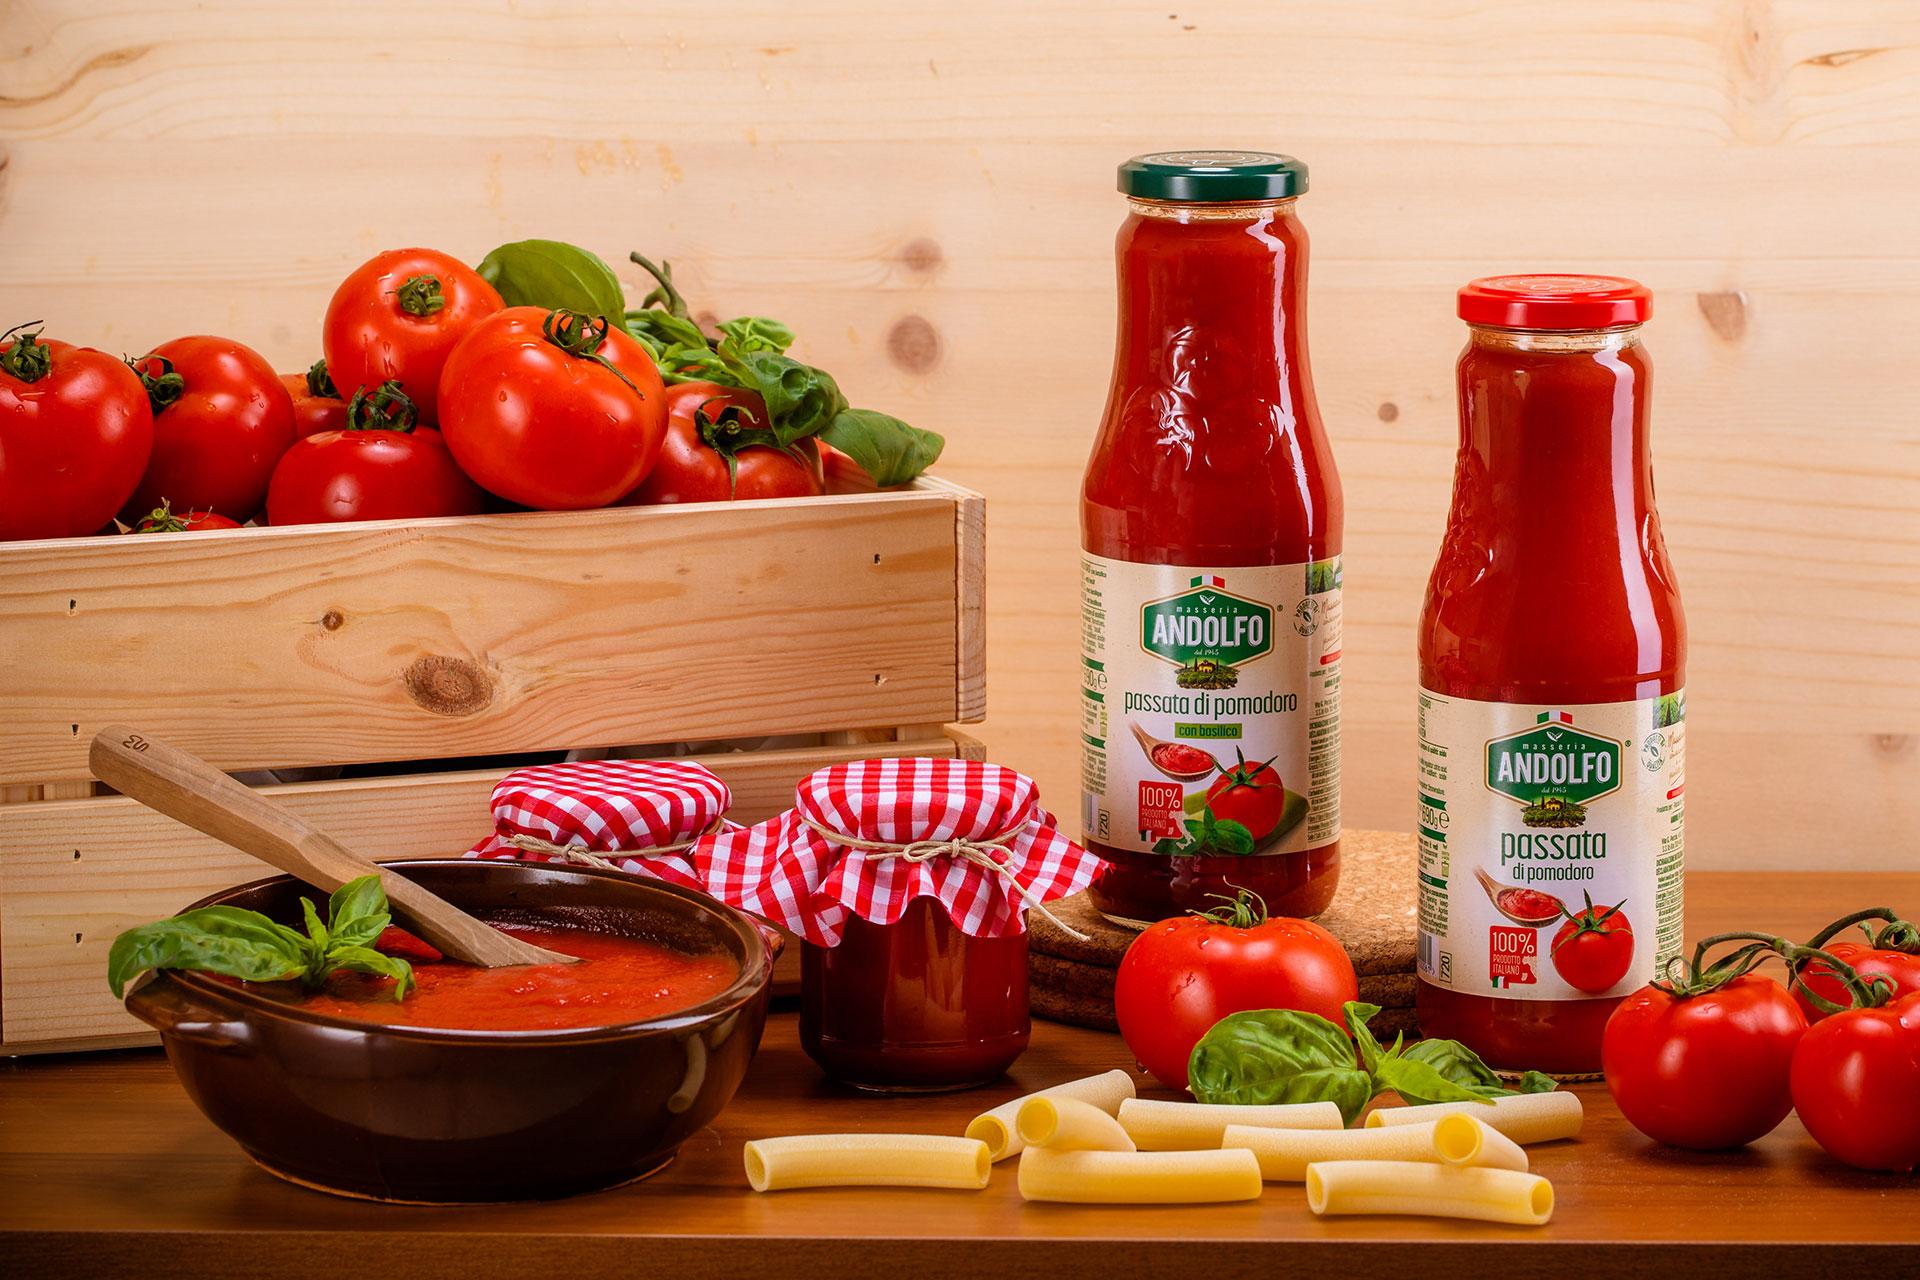 Masseria Andolfo - Passata di pomodoro - Passata di pomodoro con basilico